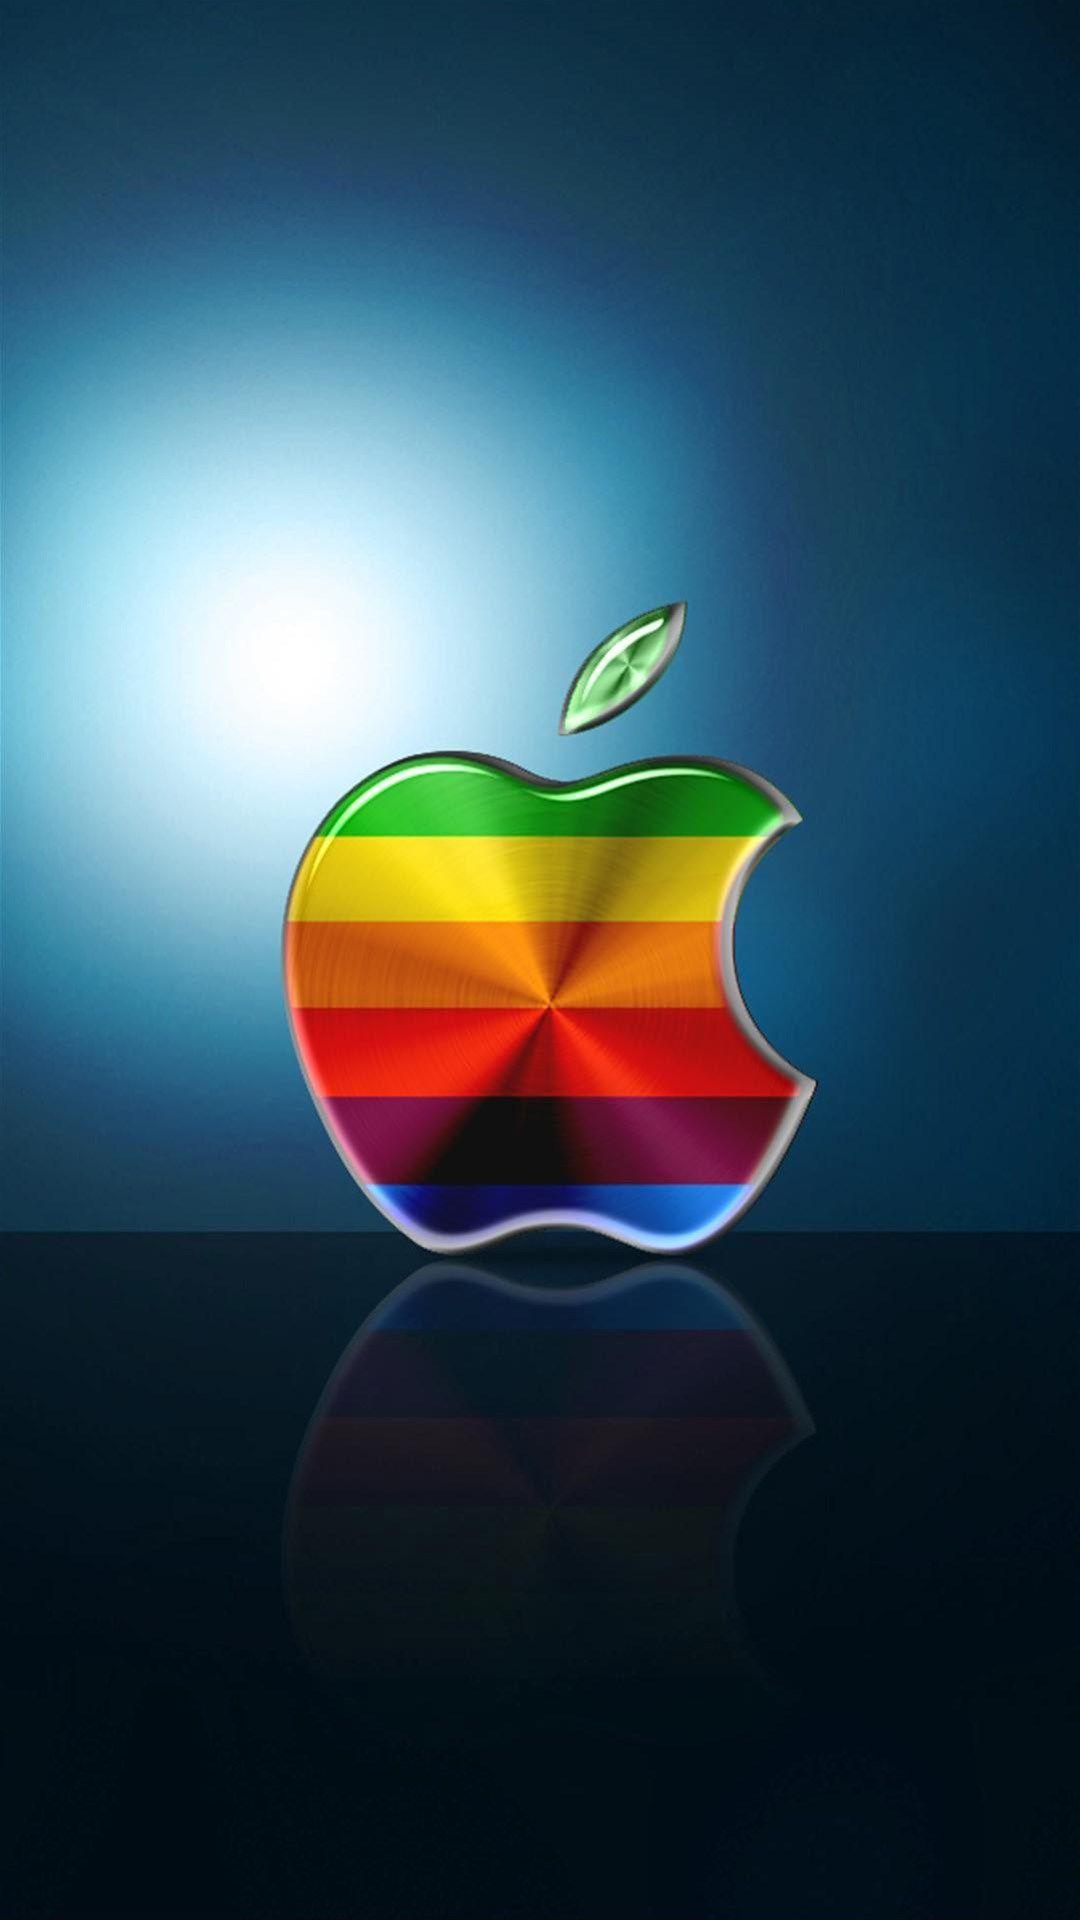 colorful apple logo background for iphone   ololoshenka   iphone